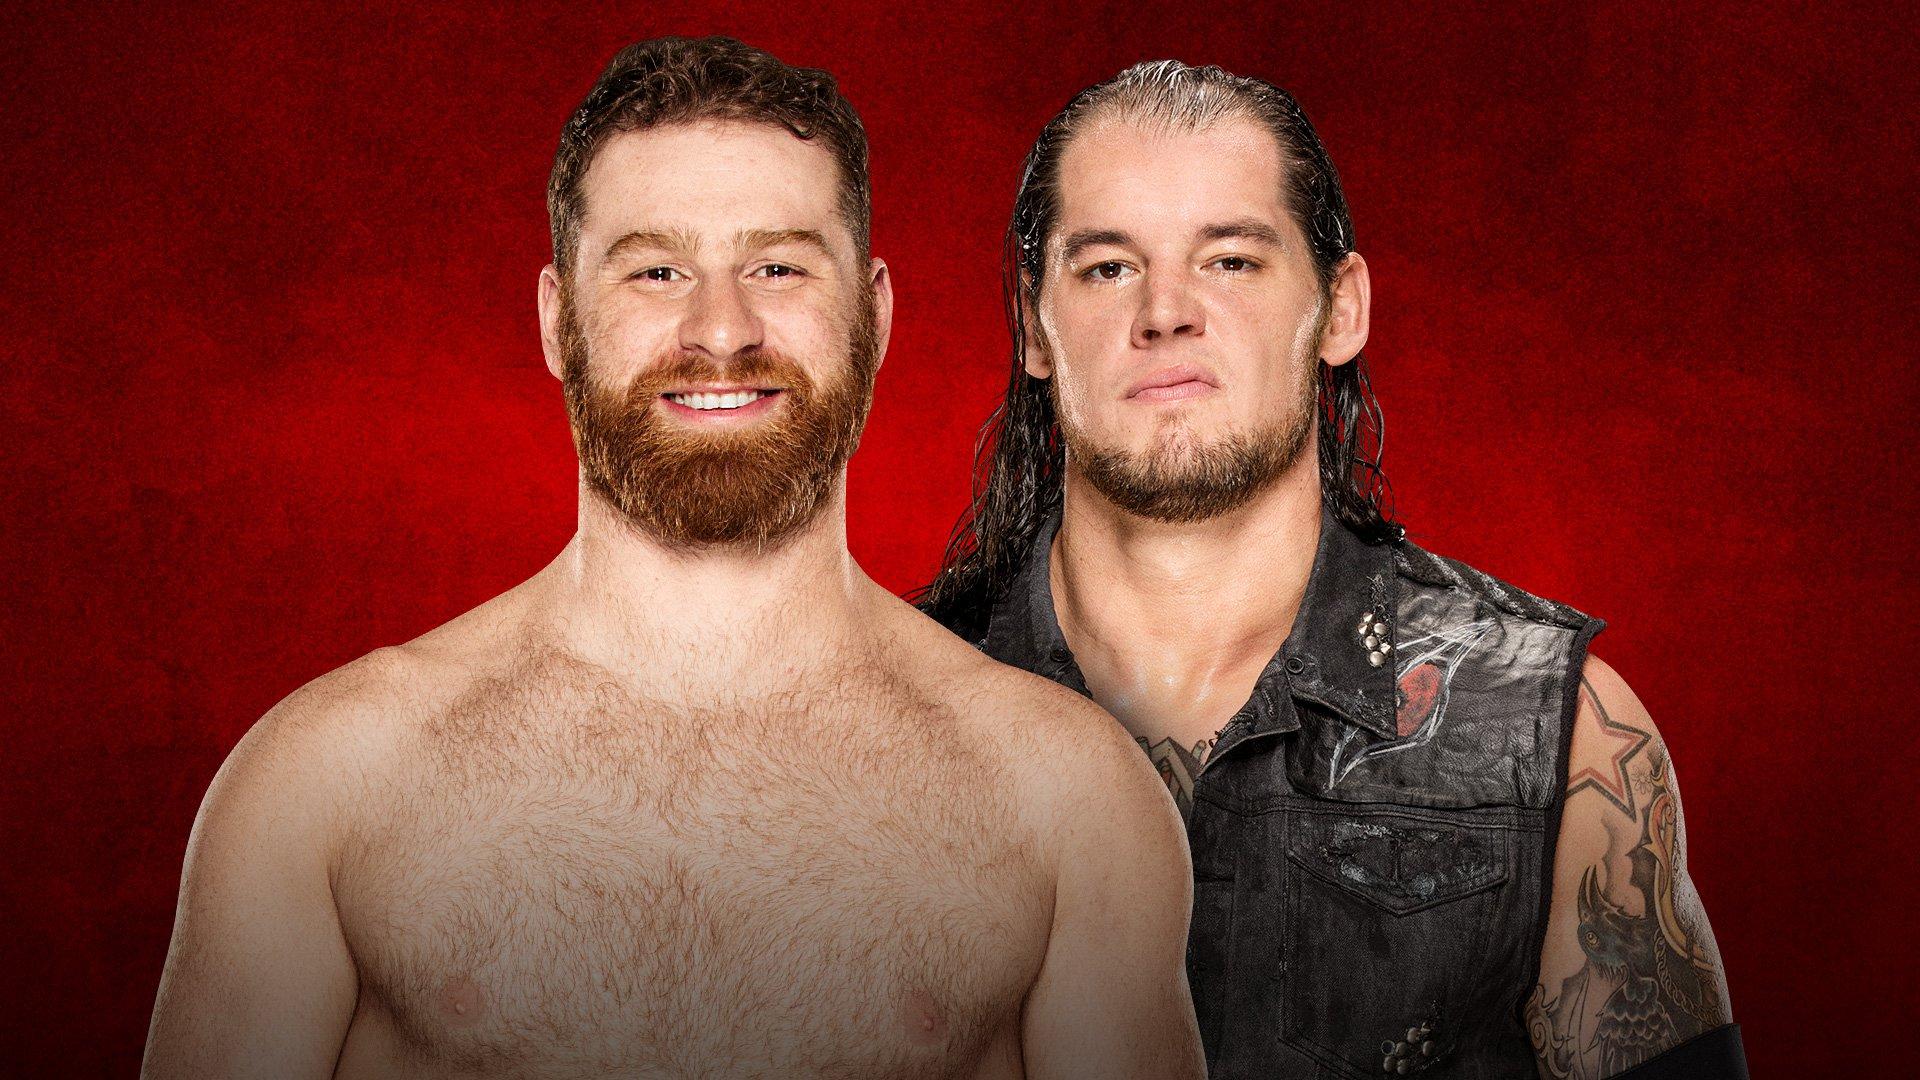 WWE Backlash 2017: Sami Zayn vs. Baron Corbin